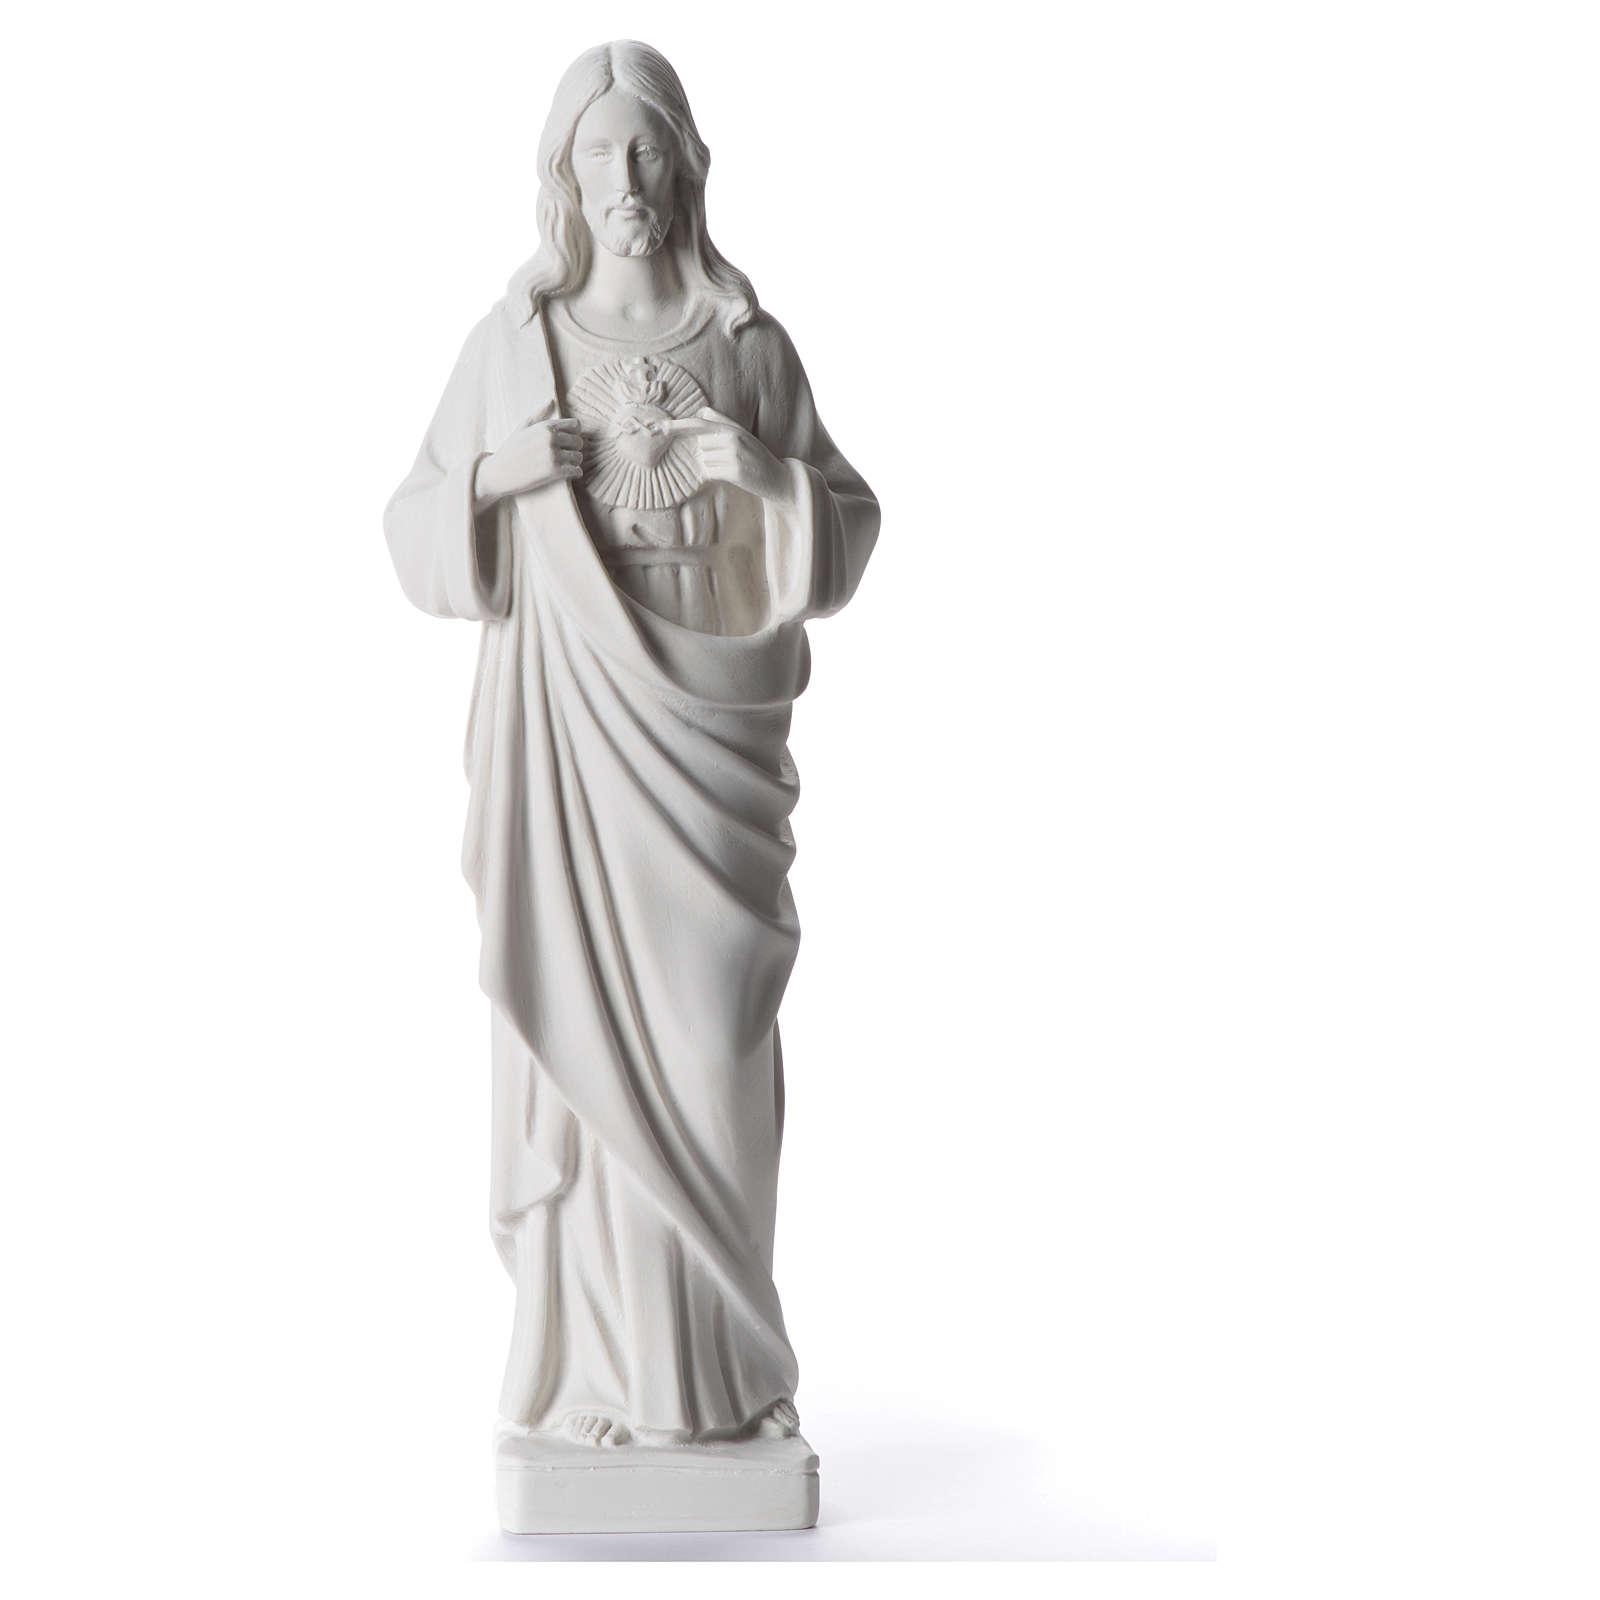 Sacro Cuore di Gesù 38-53 cm polvere di marmo bianco 38 cm 4